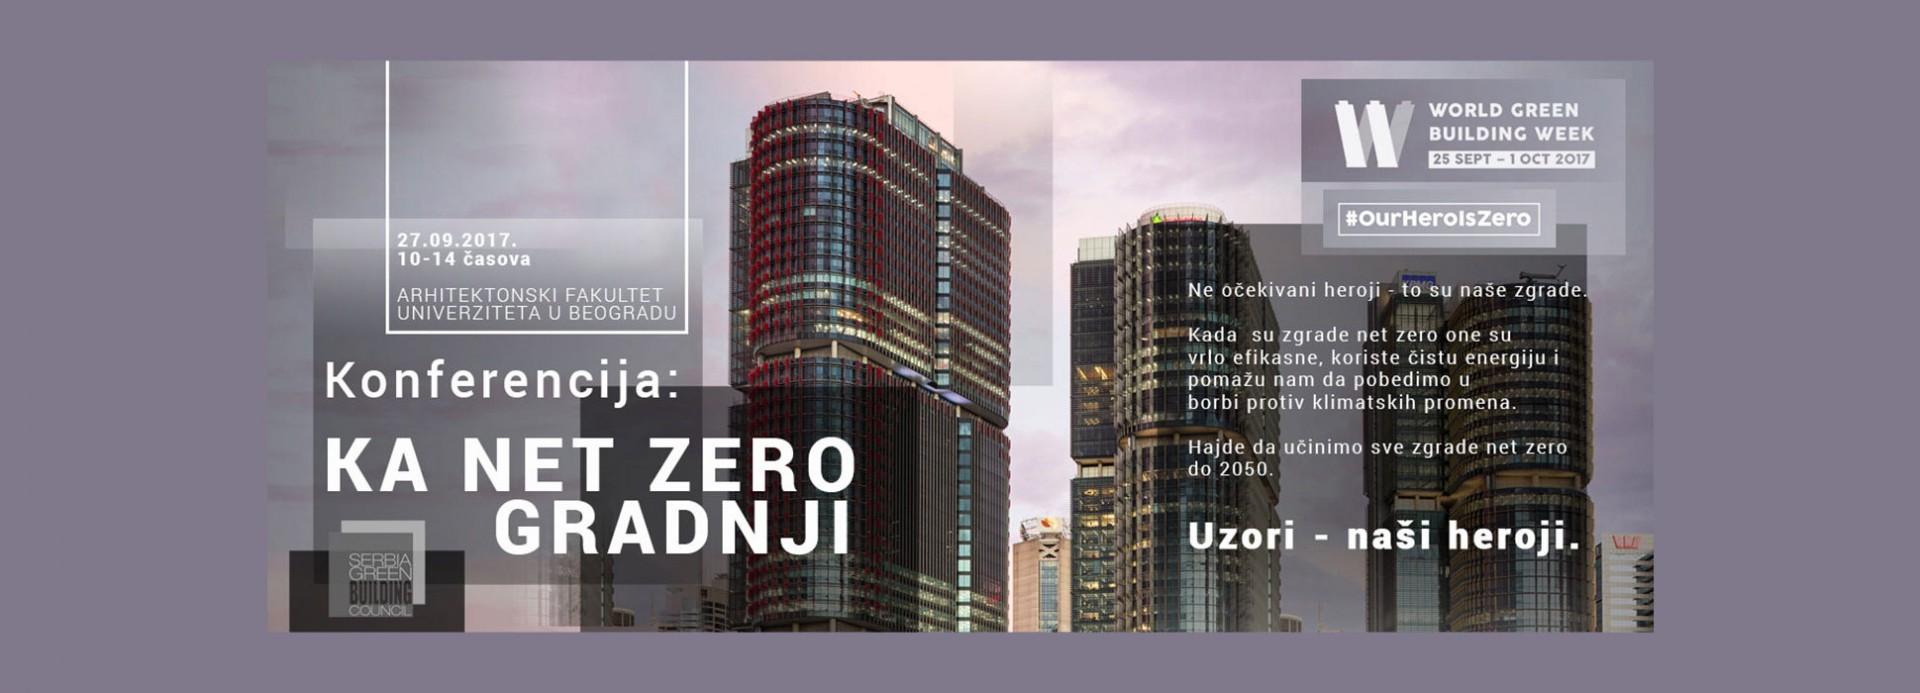 """Конференција: """"Ка net zero градњи"""" – Светска недеља зелене градње"""